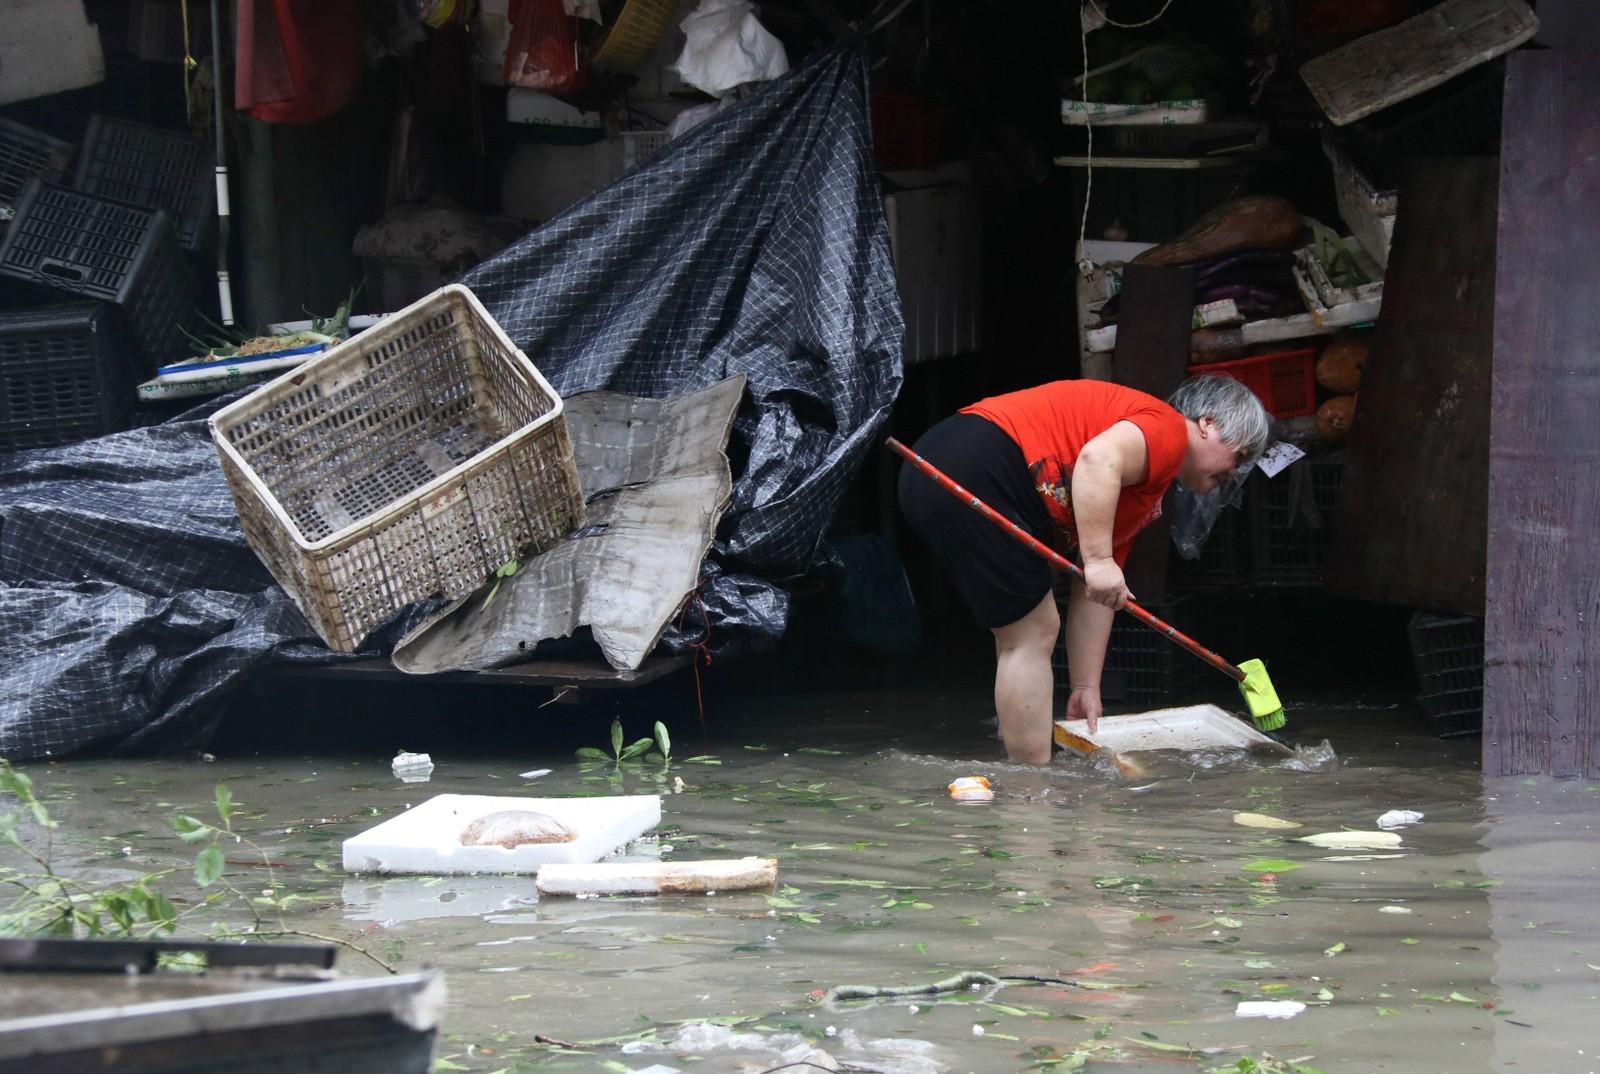 STORE MENGDER VANN: Mange gater i byen Xiamen, i Fujian-provinsen sørøst i Kina, er oversvømte.